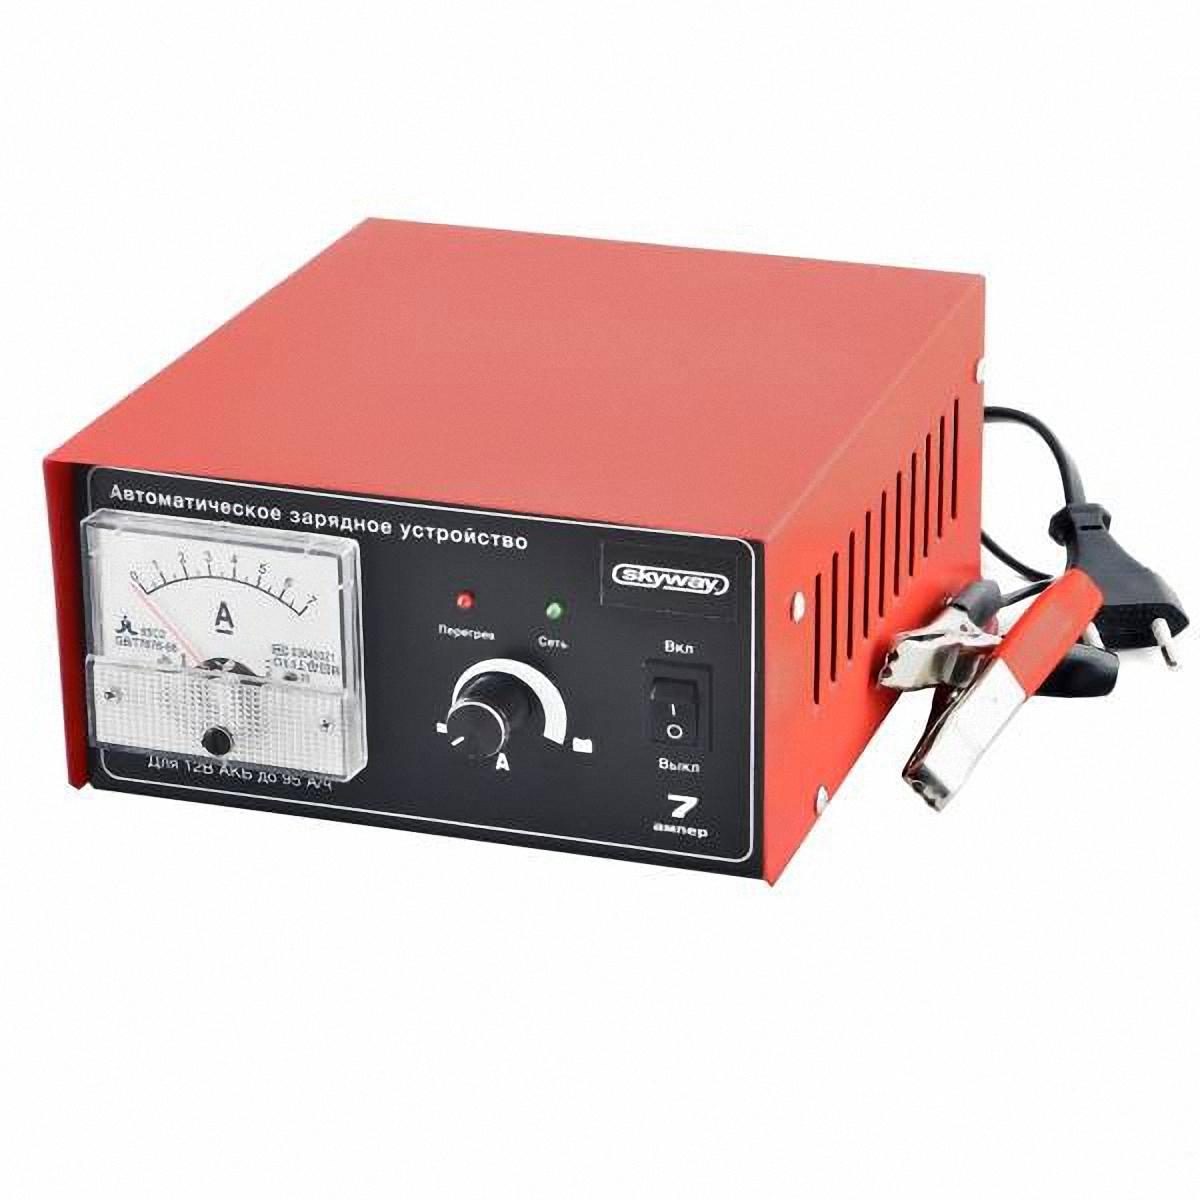 Устройство зарядное для аккумулятора Skyway. S03801001CA-3505Импульсное автоматическое зарядно-предпусковое устройство для всех типов аккумуляторных батарей 7А. Особенности: Оптимальное сочетание напряжения и тока.Зарядка необслуживаемых АКБ.Зарядка без отключения и снятия АКБ с автомобиля.Использование в качестве источника питания.Защита неправильного подключения.Защита от перегрузок и короткого замыкания.Защита от перегрева. Для аккумуляторных батарей 12 В.Емкость аккумуляторной батареи - до 95 А/ч.Напряжение питания сети - 180-240В/50 Гц.Потребляемый ток - 0.7 А.Потребляемая мощность - 140 ВТ.Максимальное выходное напряжение - 14,8 В.Ток зарядки - 0,4-7 А.